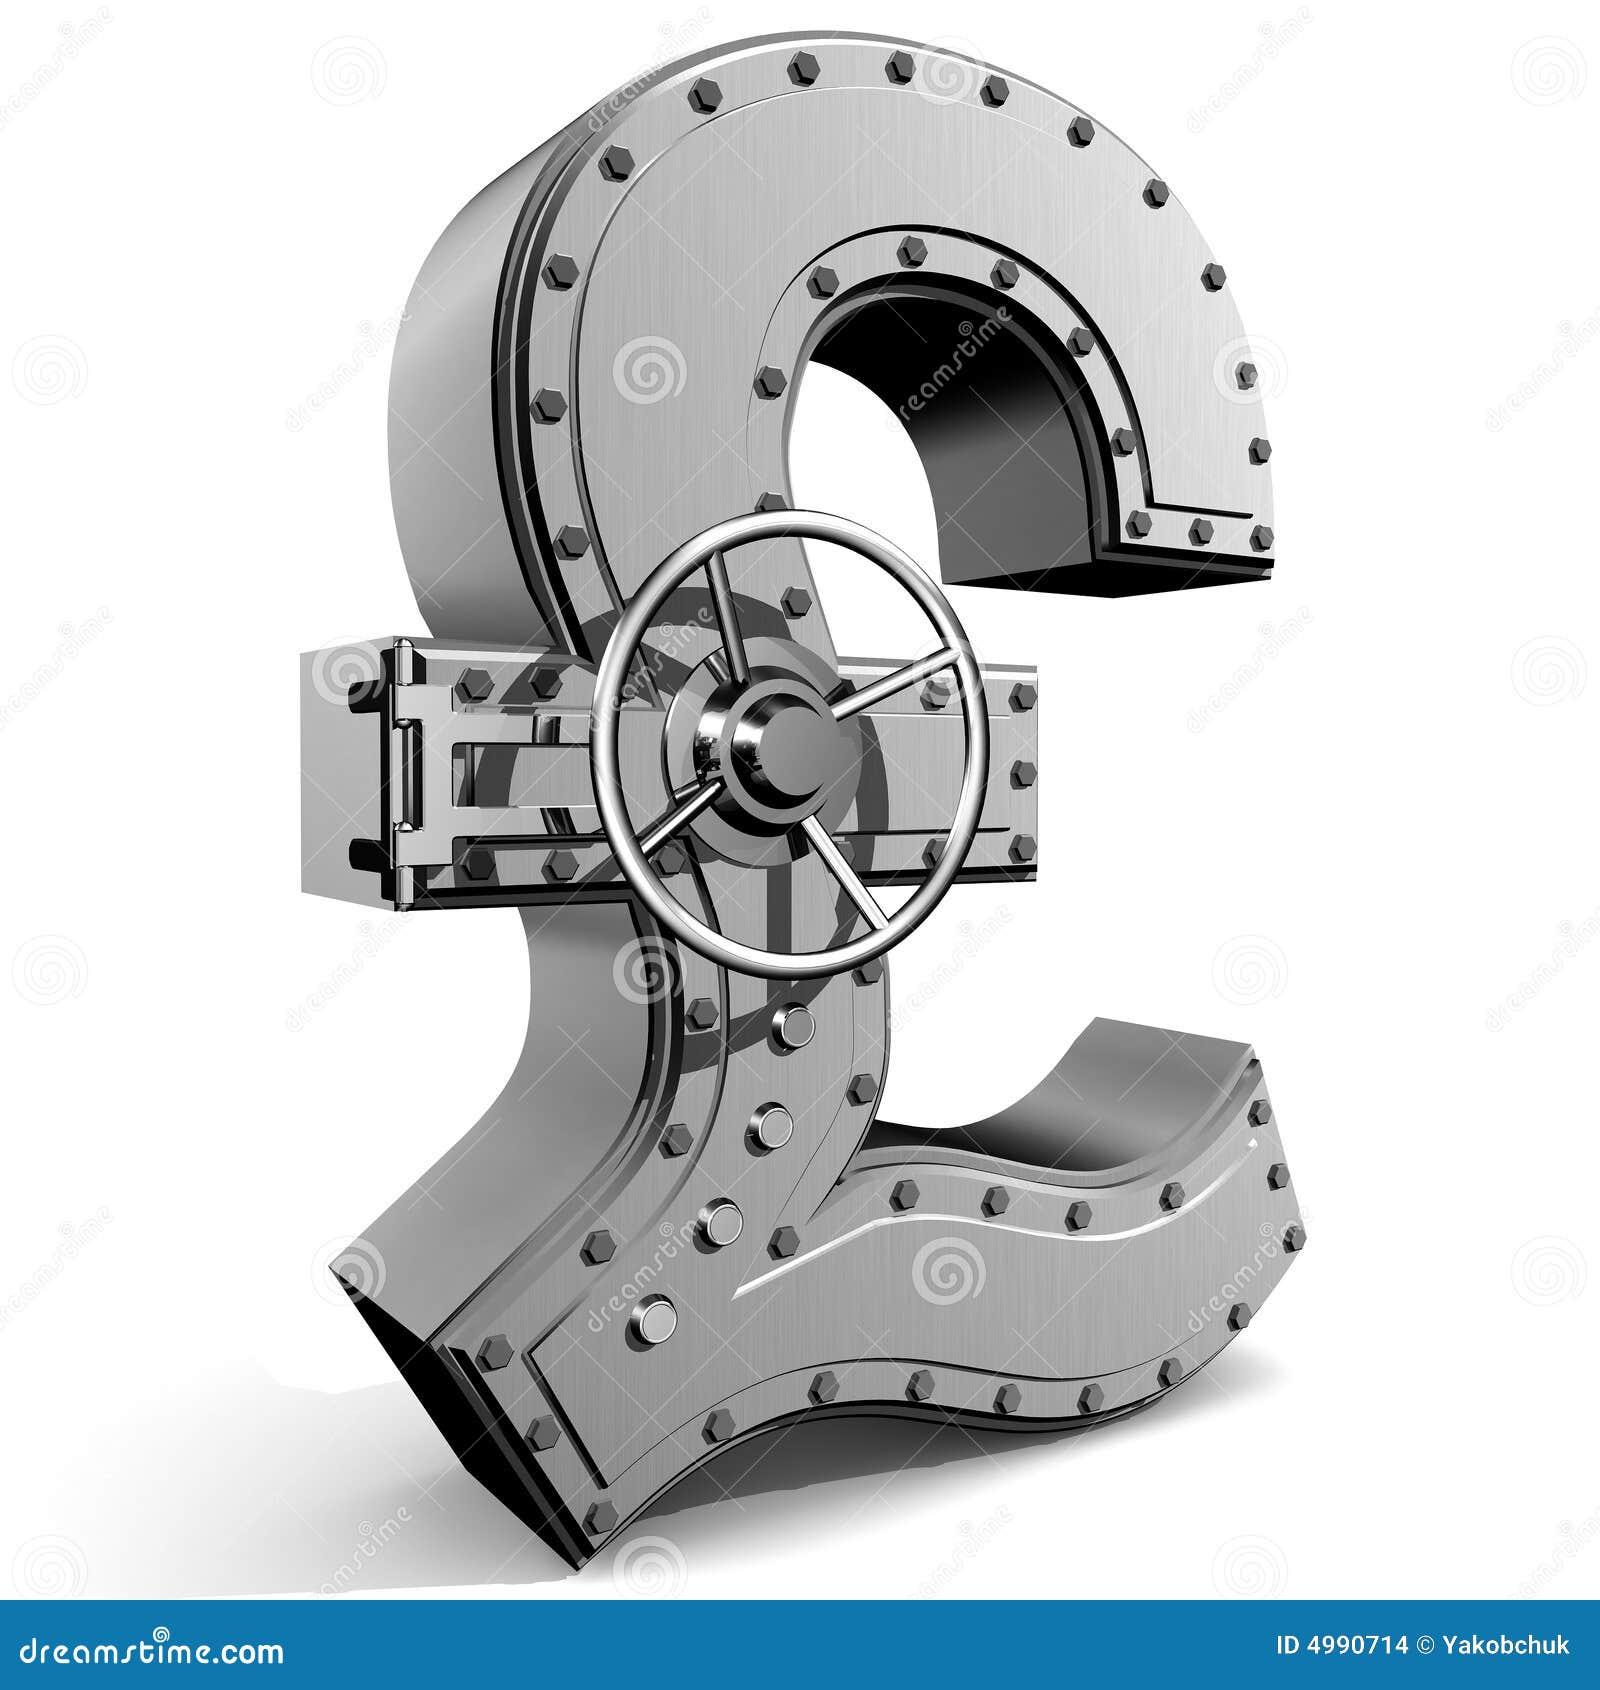 Pound stock illustrations 13951 pound stock illustrations pound symbol bank safe from uk pound symbol stock images buycottarizona